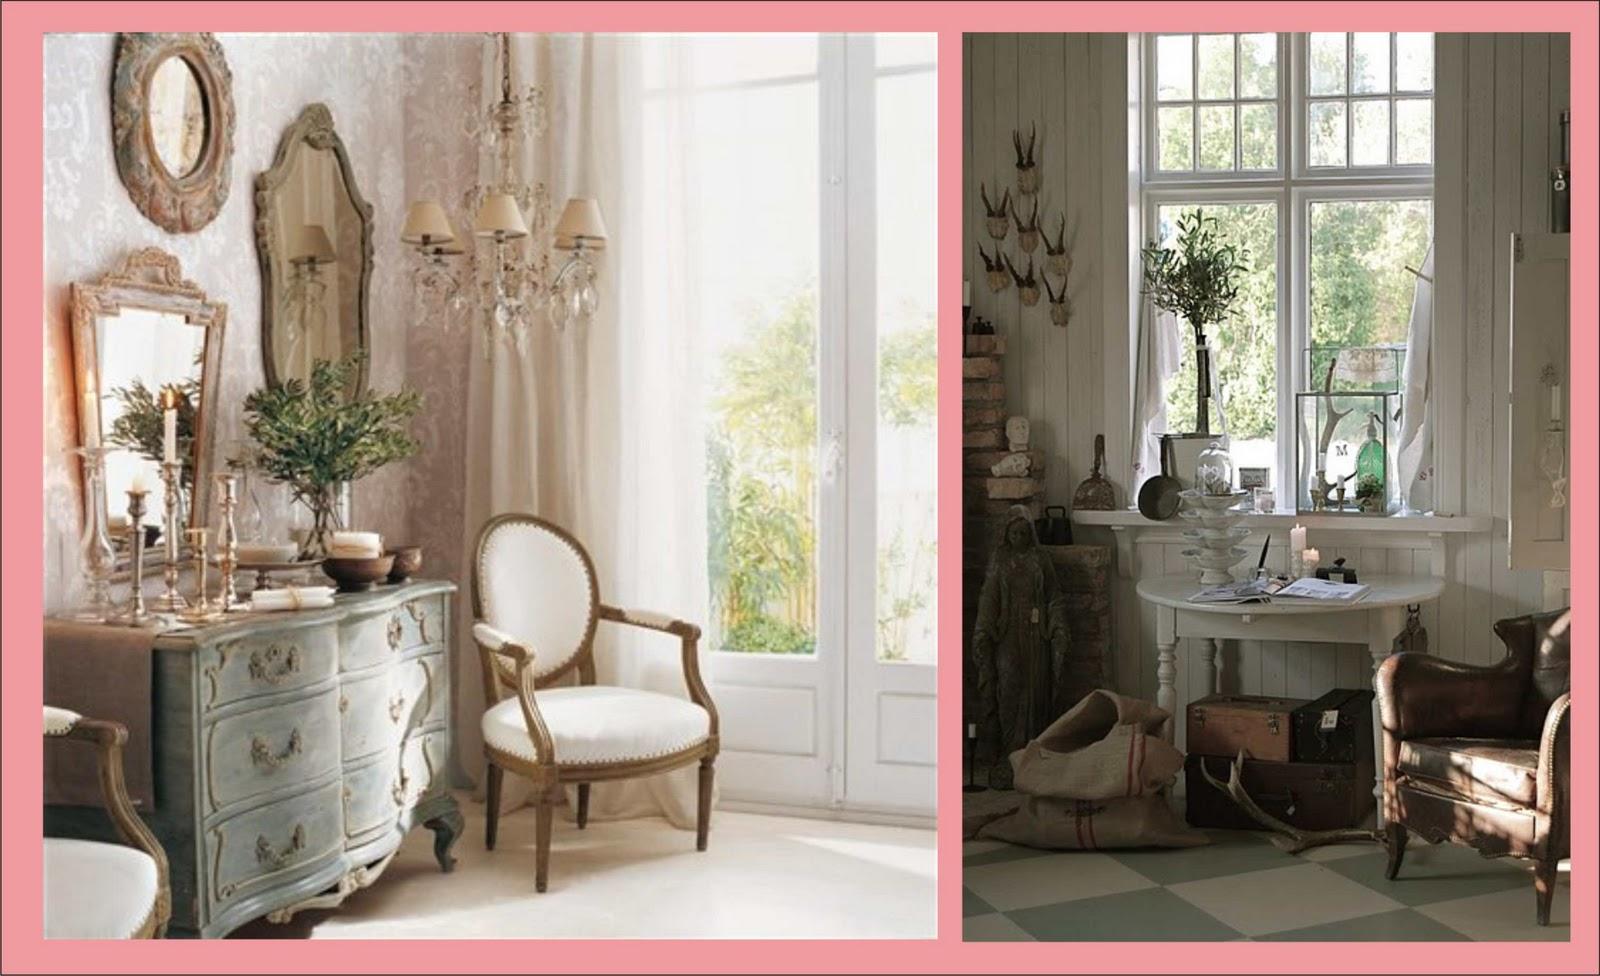 Trendy un b sico decoraci n shabby chic virlova style - Decoracion shabby chic vintage ...